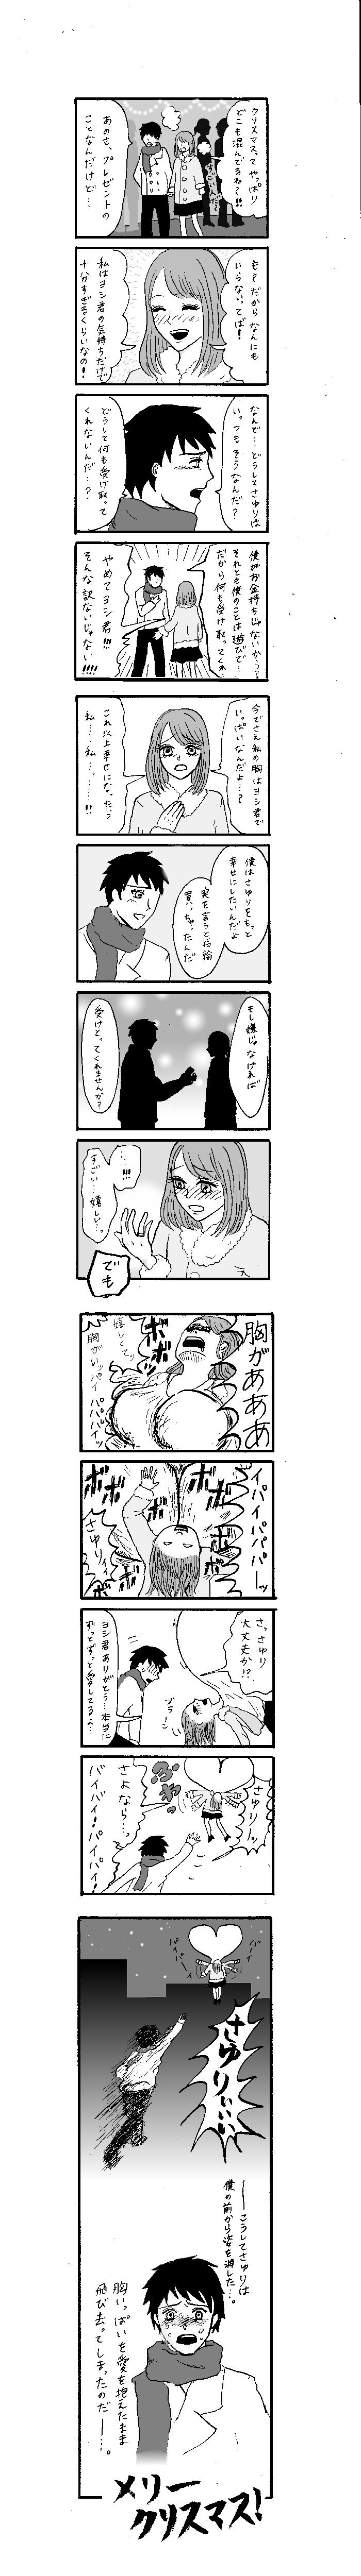 胸いっぱいの愛~クリスマスの奇跡~